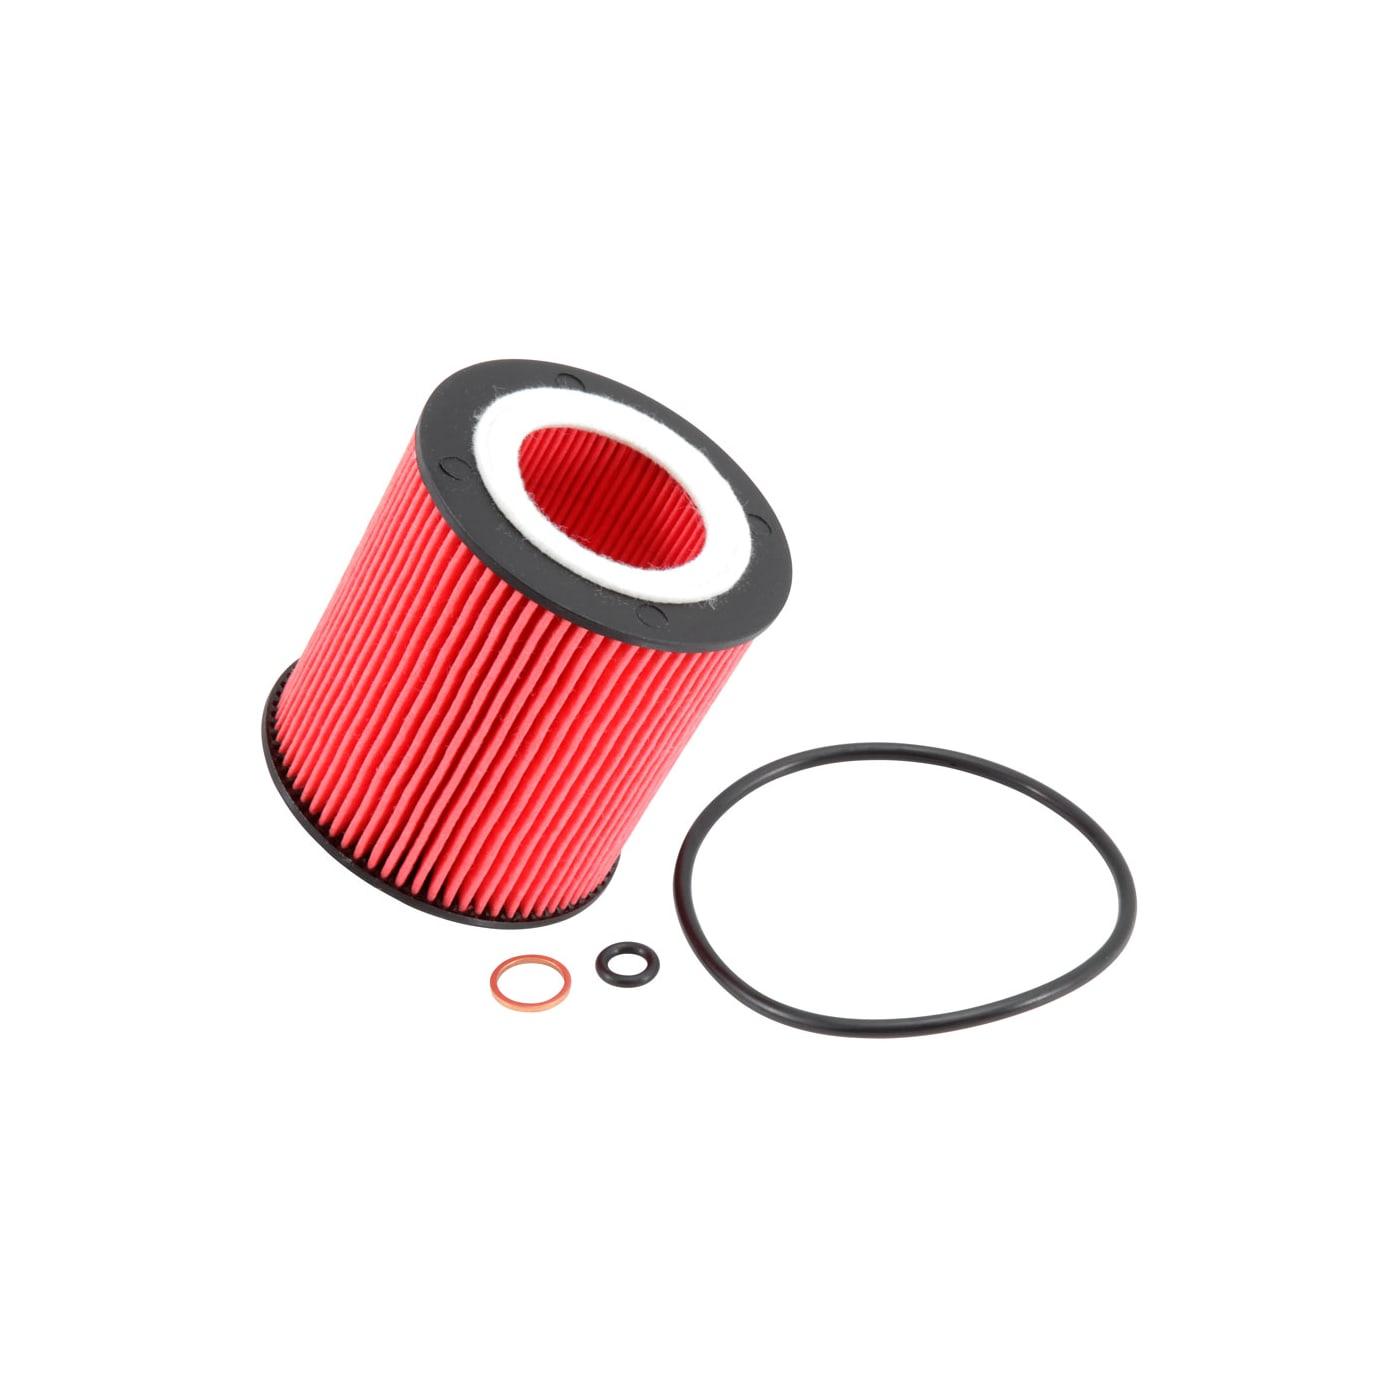 KN FILTRI OLIO automobilistici PS-7014 Filtro Olio K/&N Automotive-Pro-Series